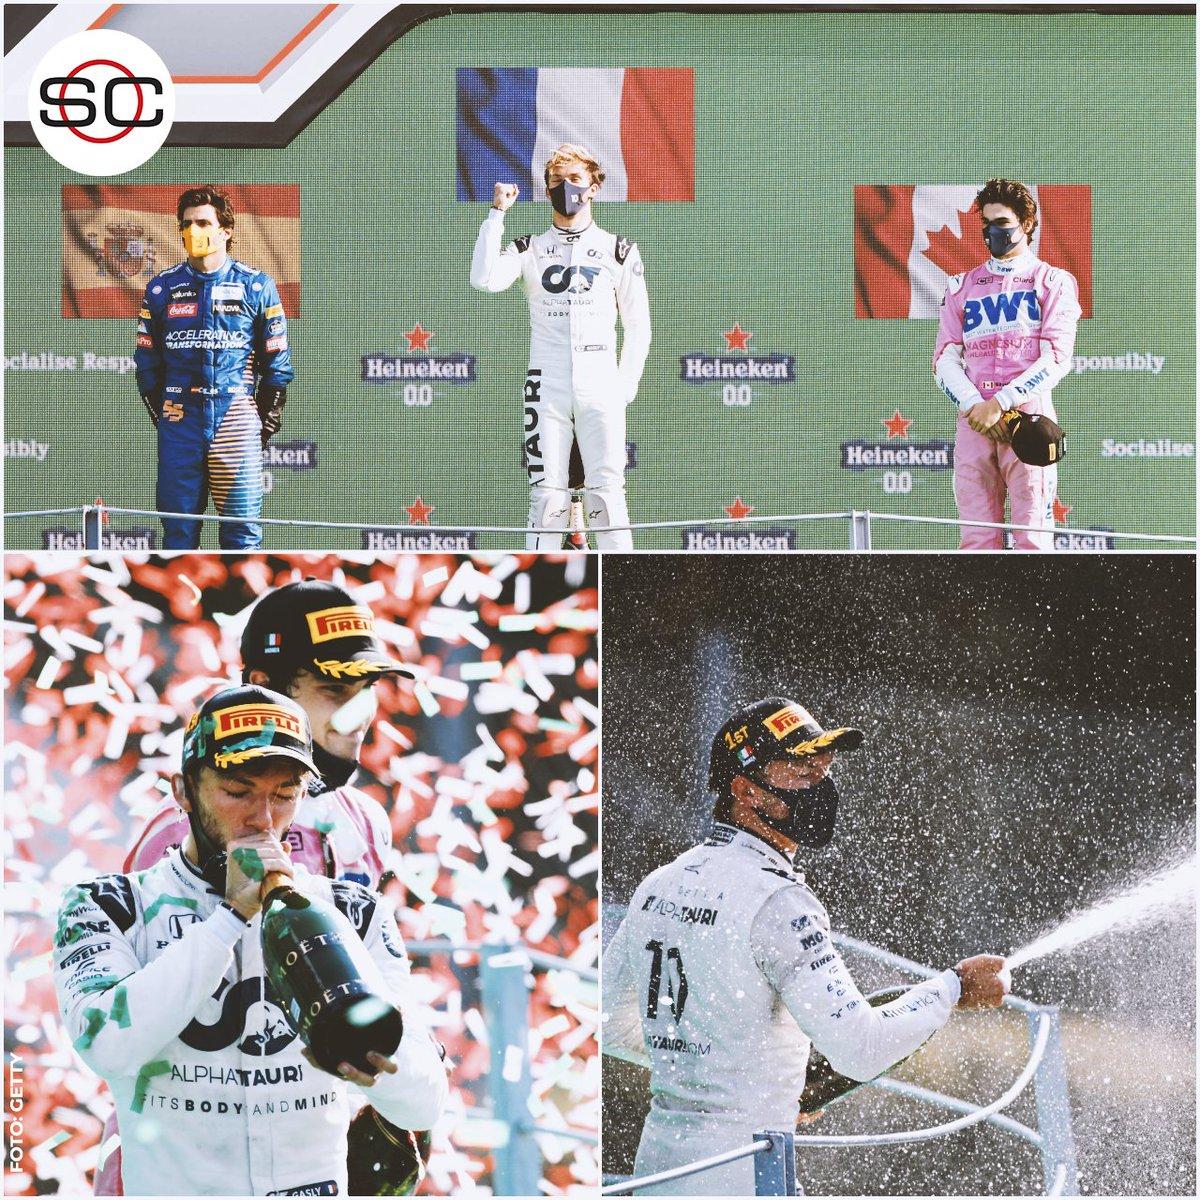 ¡Podio atípico! 🔥 1⃣Pierre Gasly 🇫🇷 2⃣Carlos Sainz 🇪🇸 3⃣Lance Stroll 🇨🇦 Sin Mercedes, Ferrari y Red Bull 😱 bit.ly/3lRM8ac